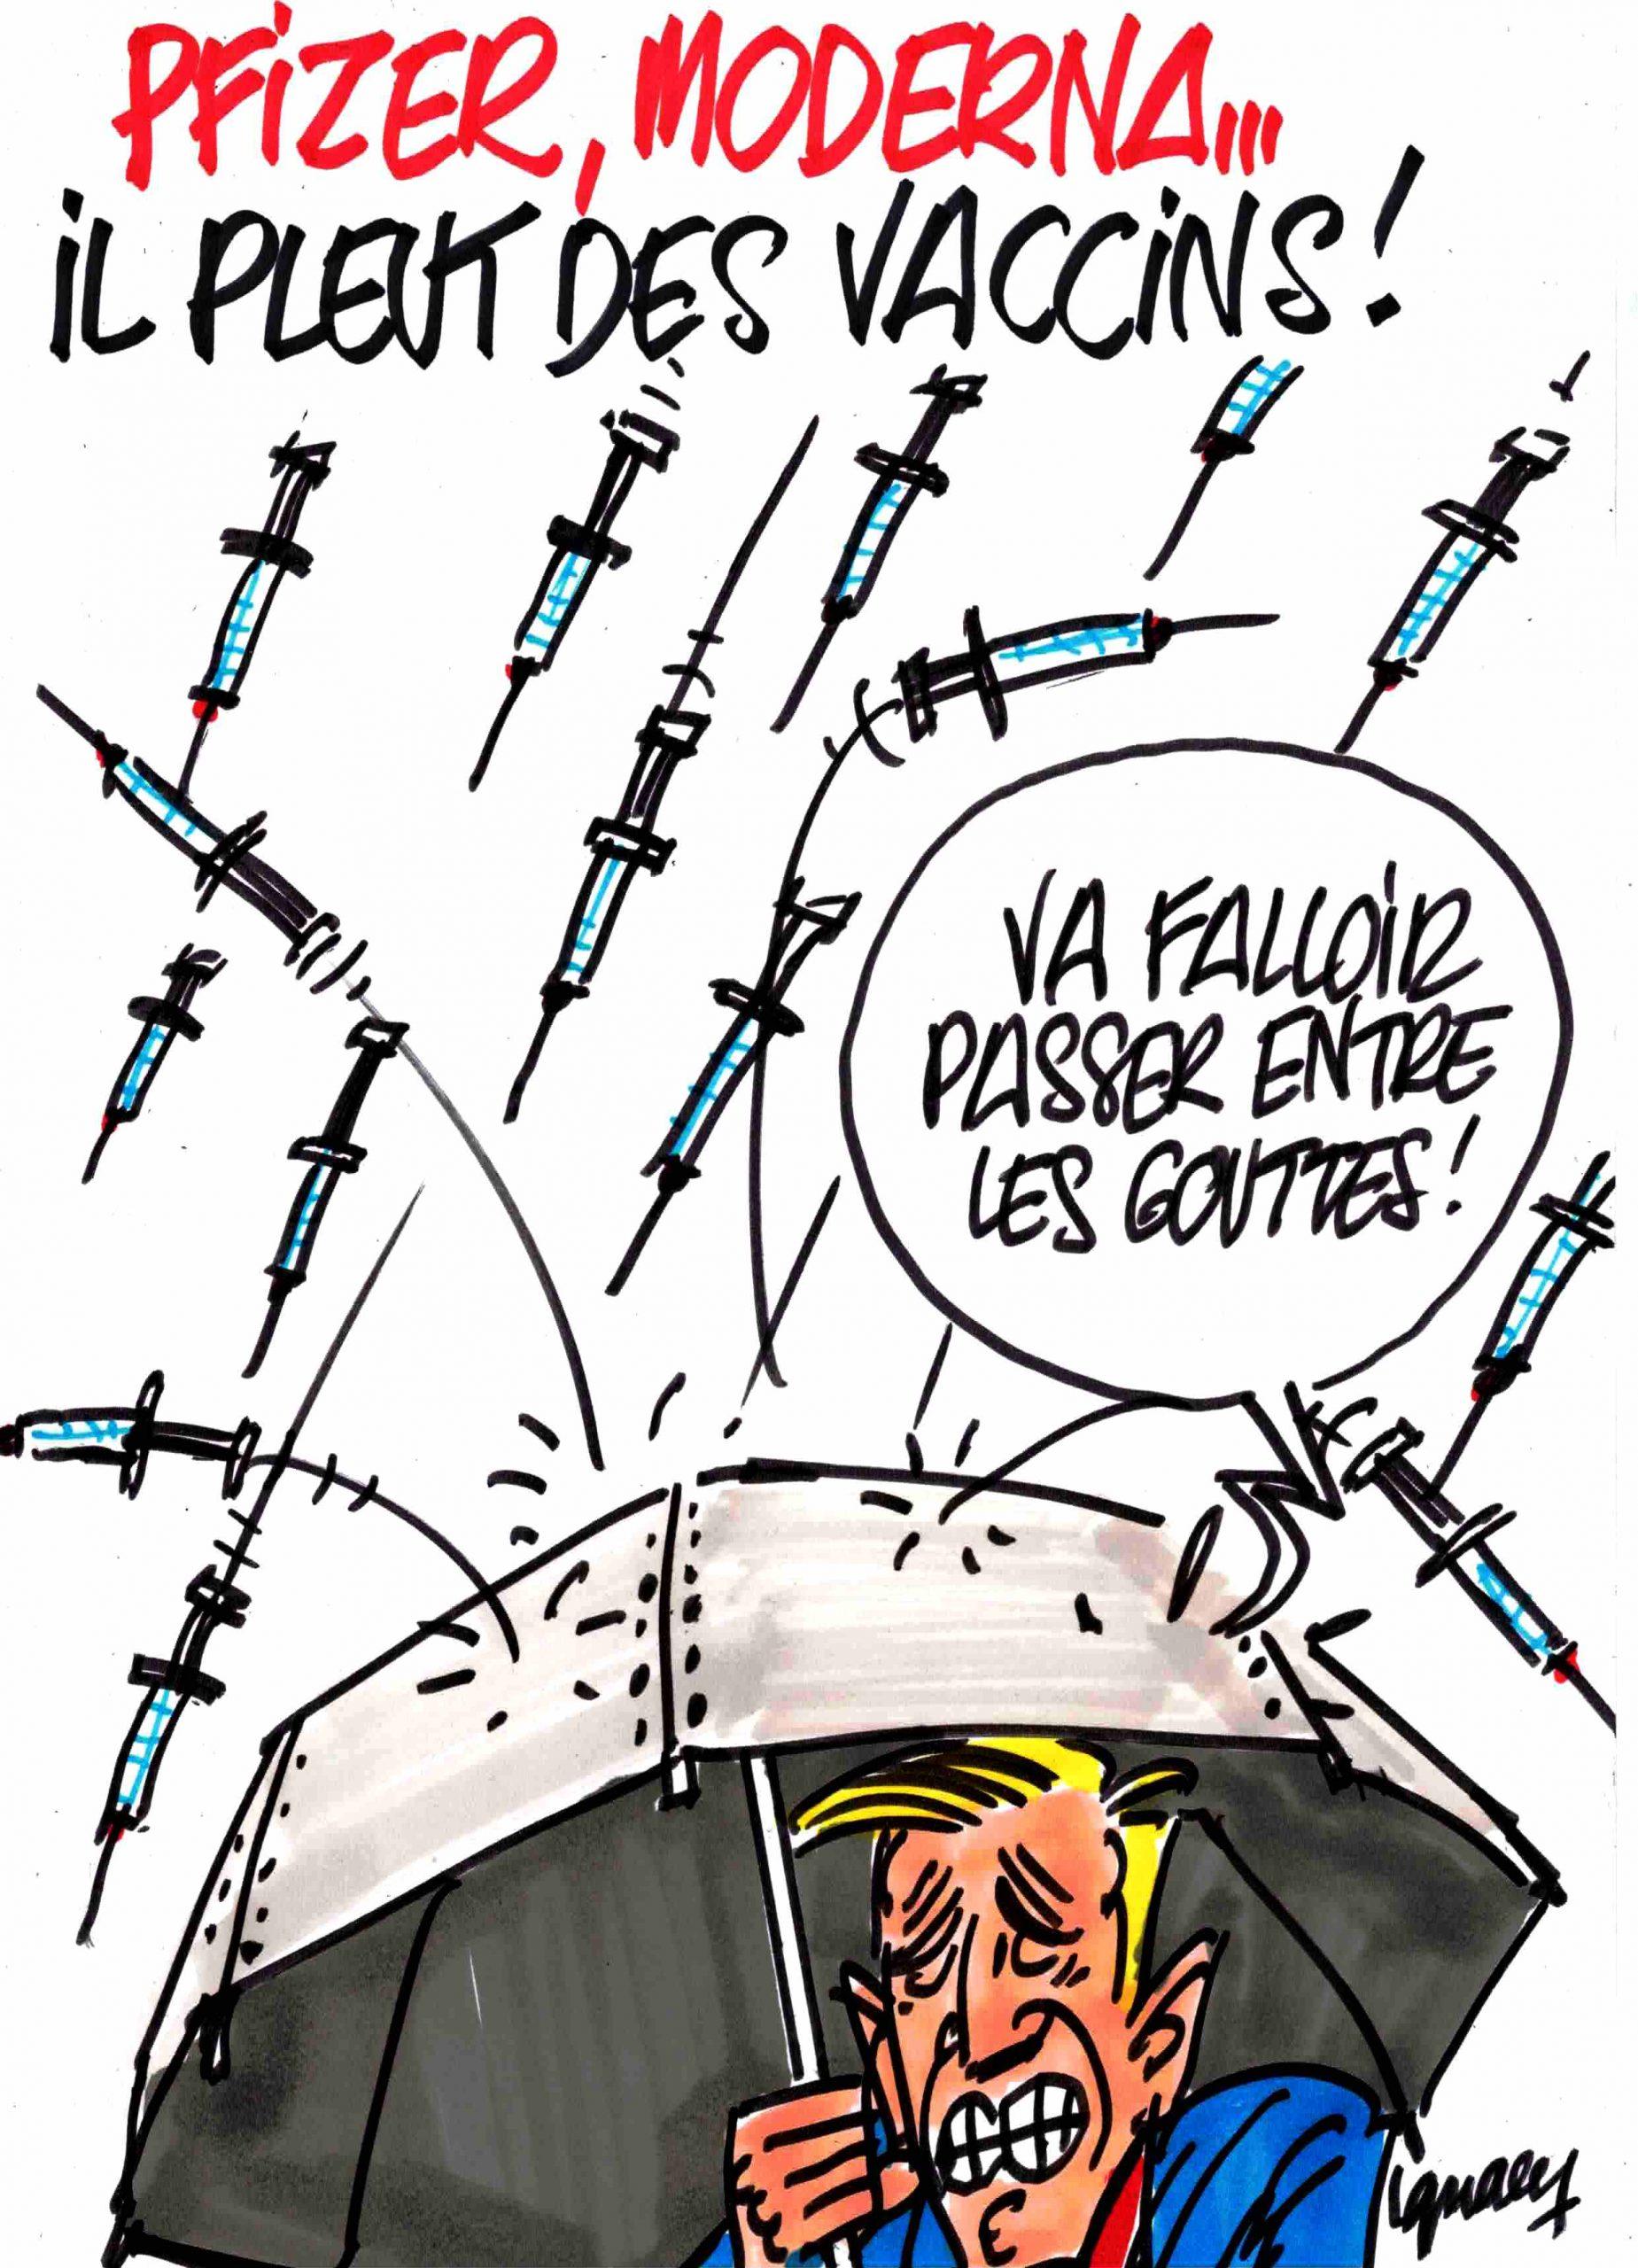 Ignace - Il pleut des vaccins !